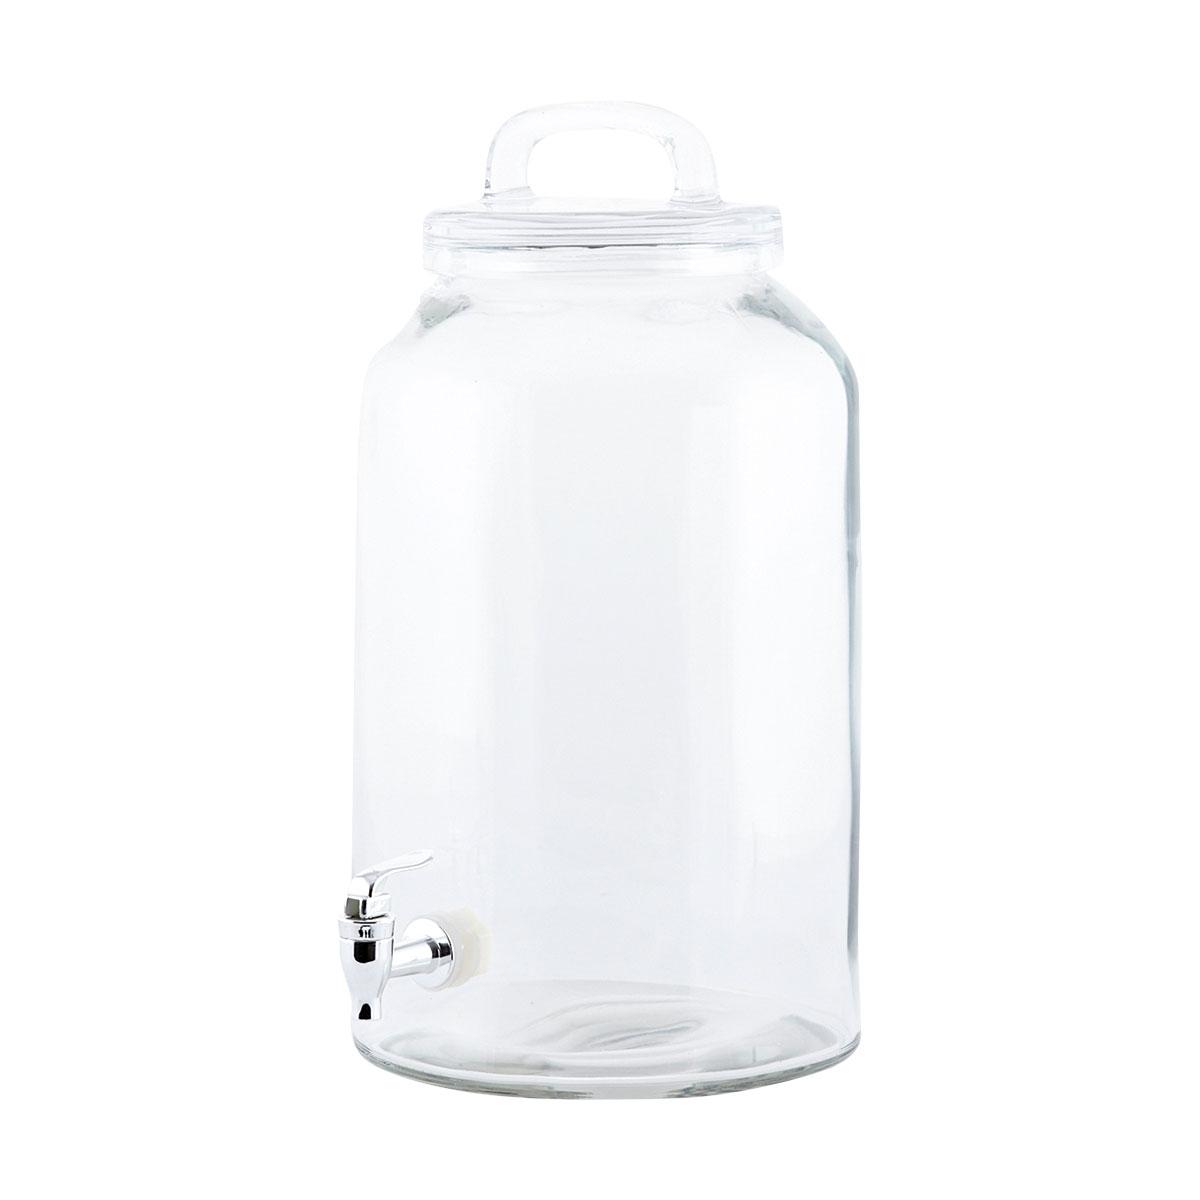 Juicebehållare Icecold 85L Klar